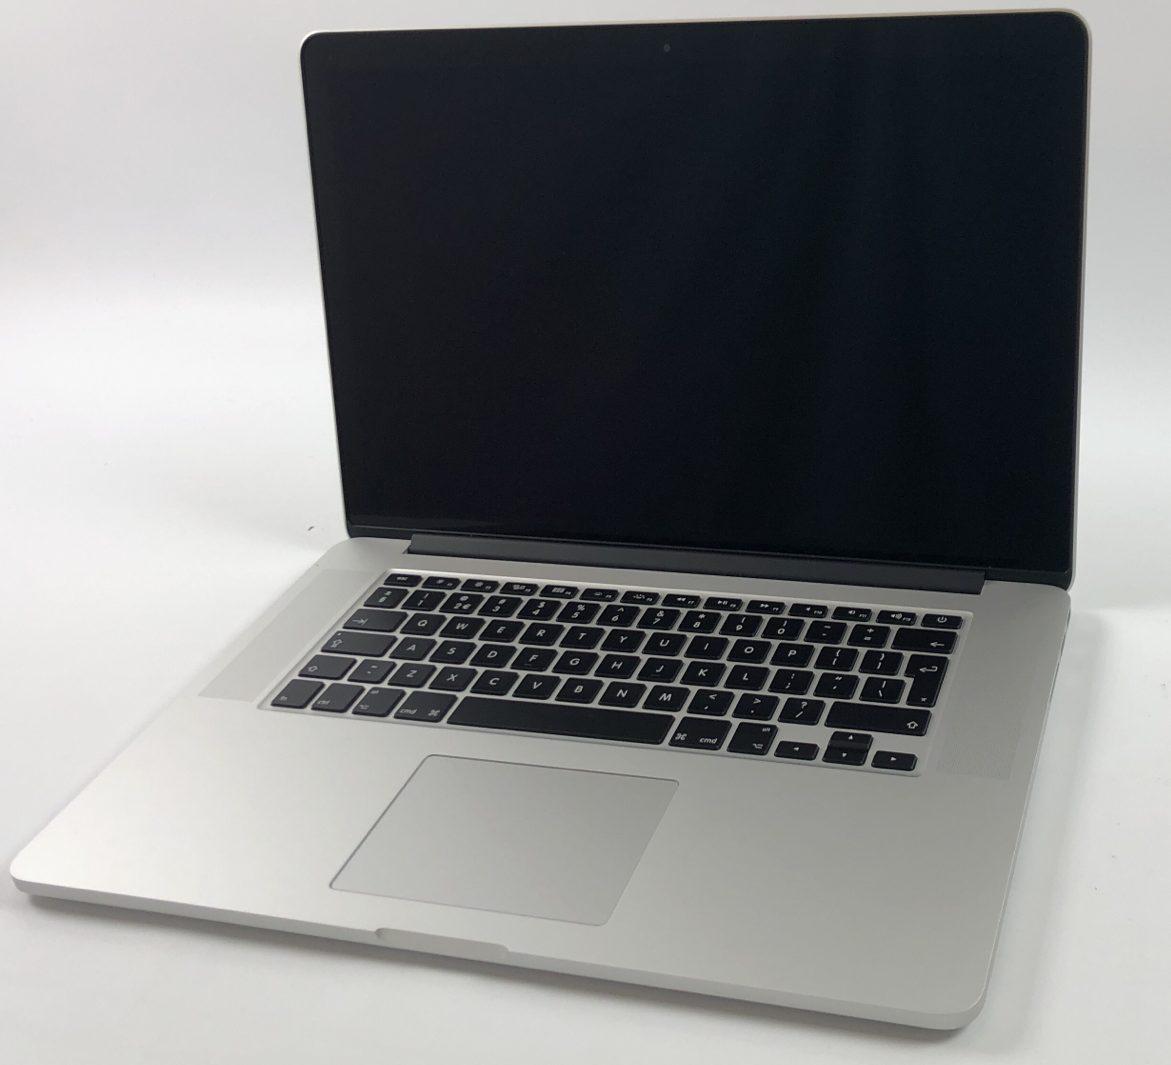 """MacBook Pro Retina 15"""" Mid 2015 (Intel Quad-Core i7 2.5 GHz 16 GB RAM 512 GB SSD), Intel Quad-Core i7 2.5 GHz, 16 GB RAM, 512 GB SSD, image 1"""